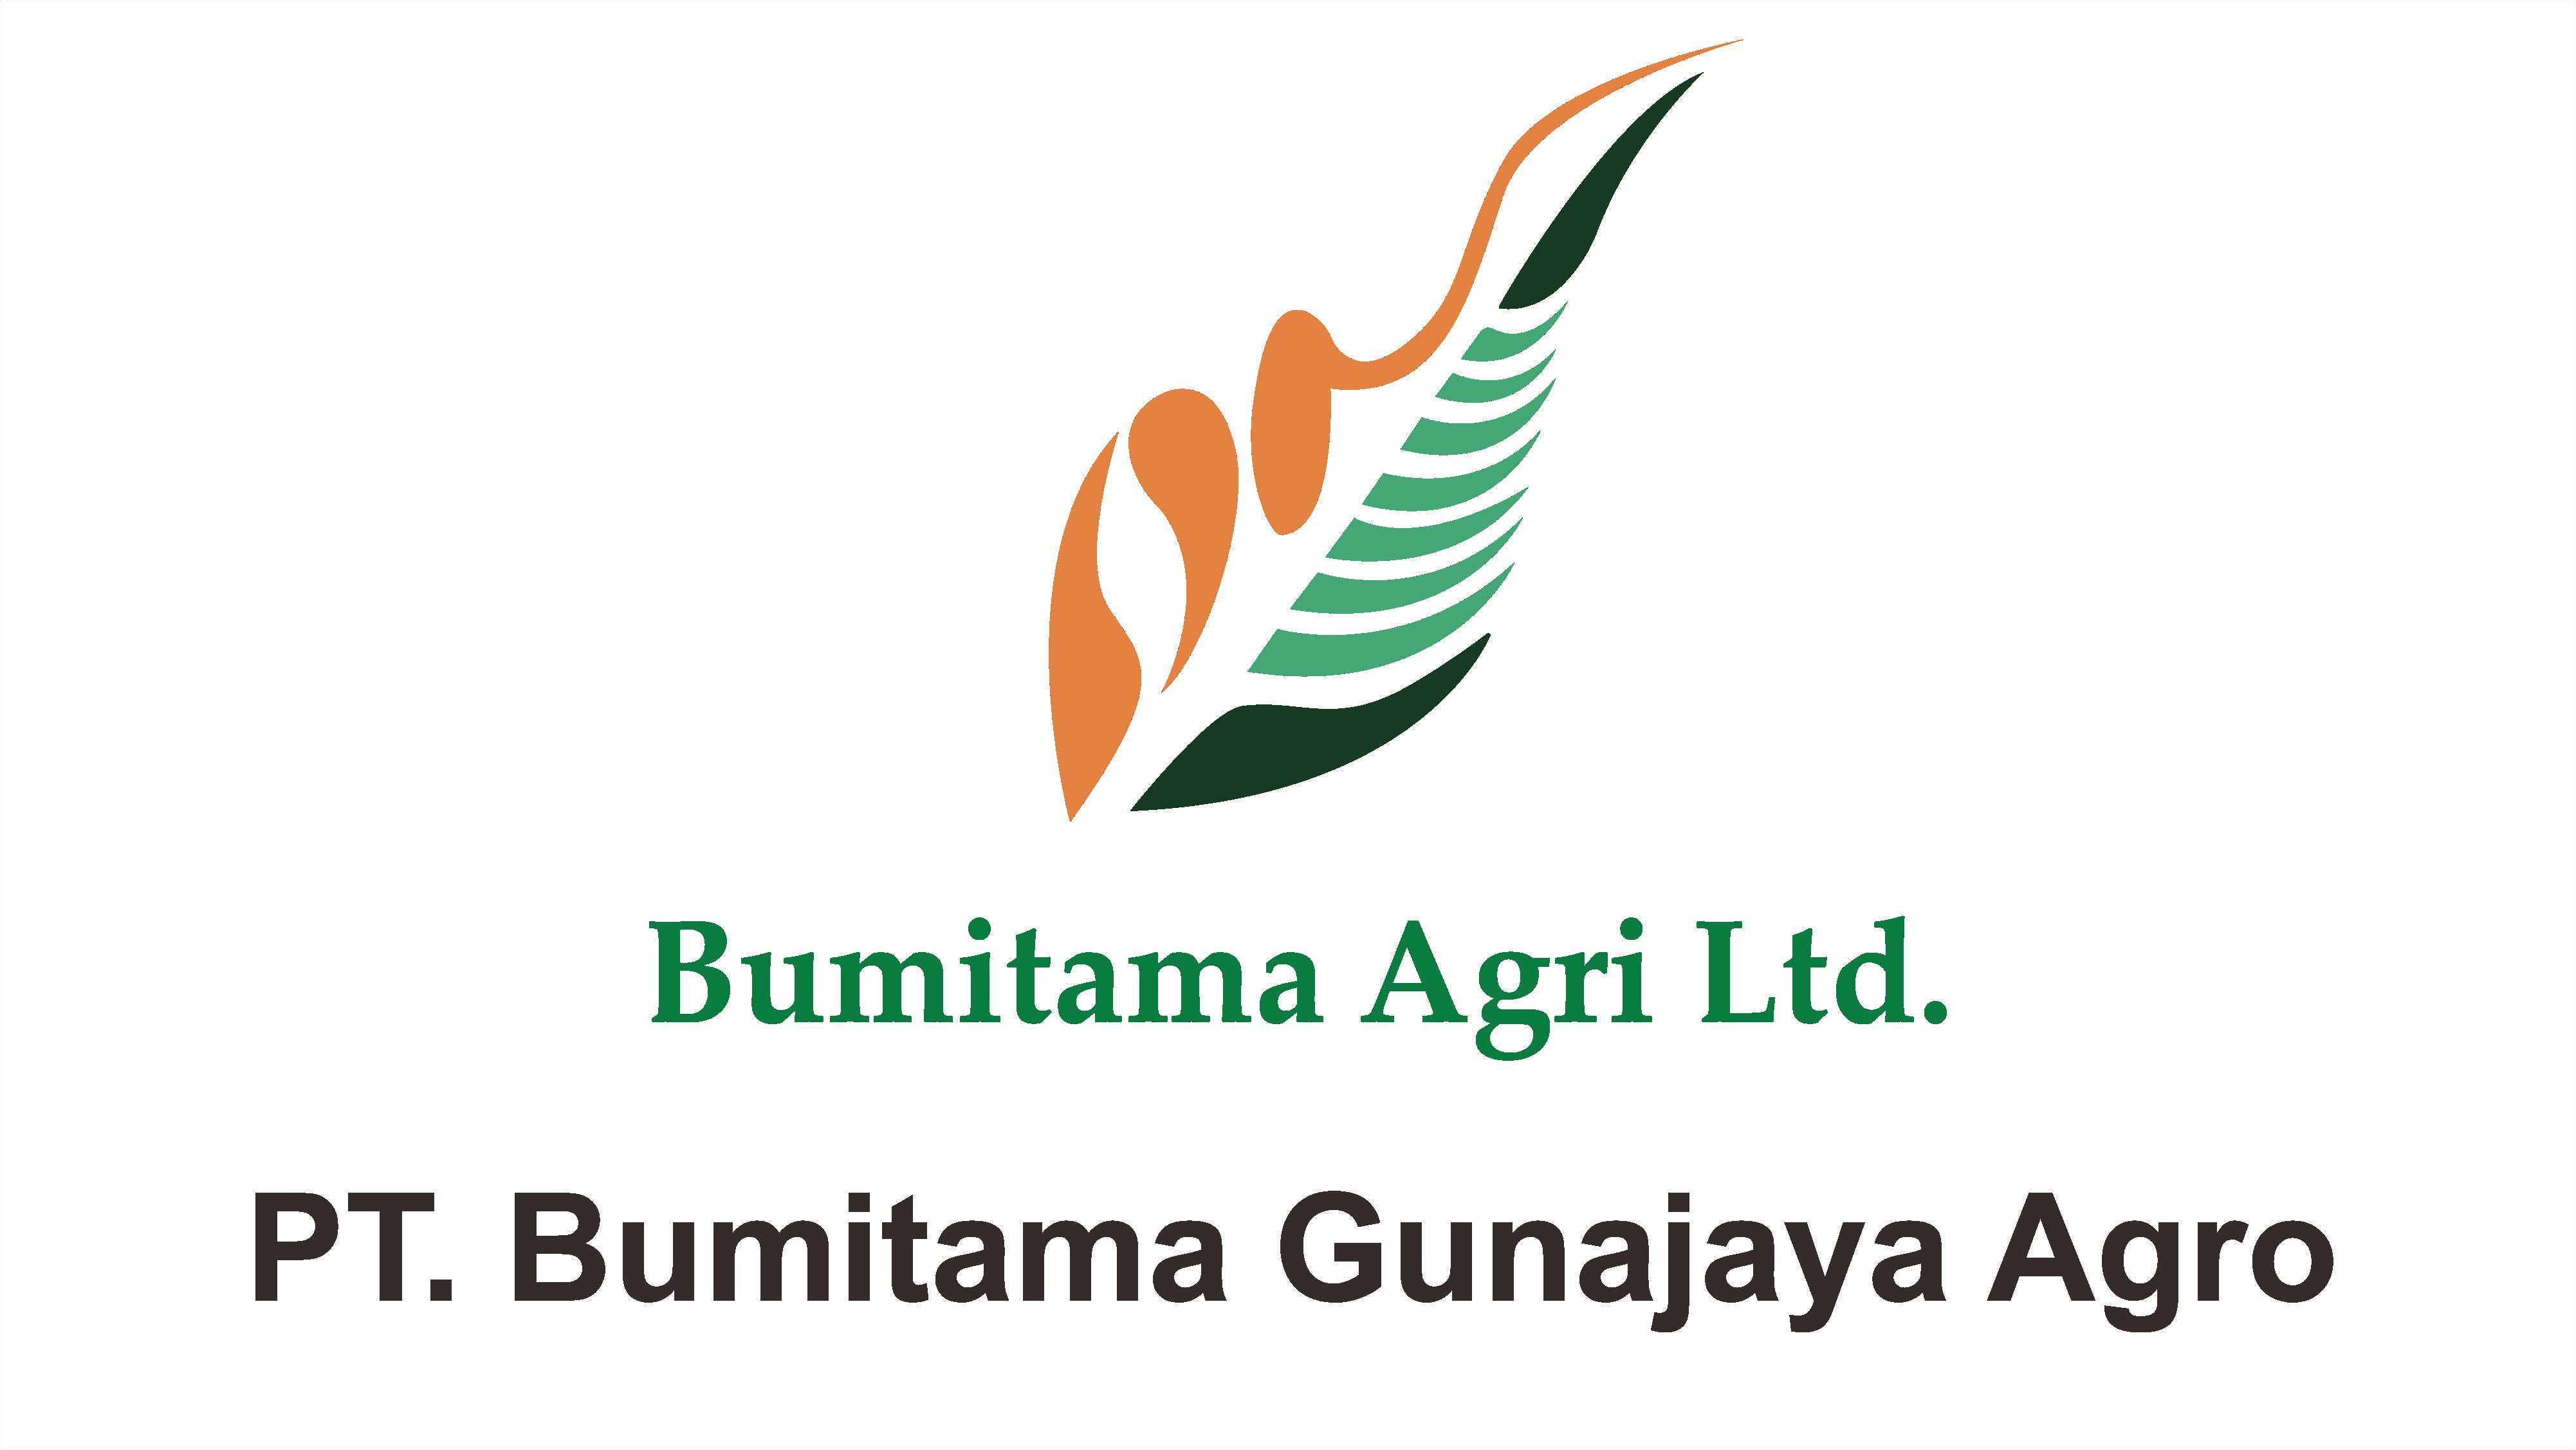 PT. Bumitama Gunajaya Agro